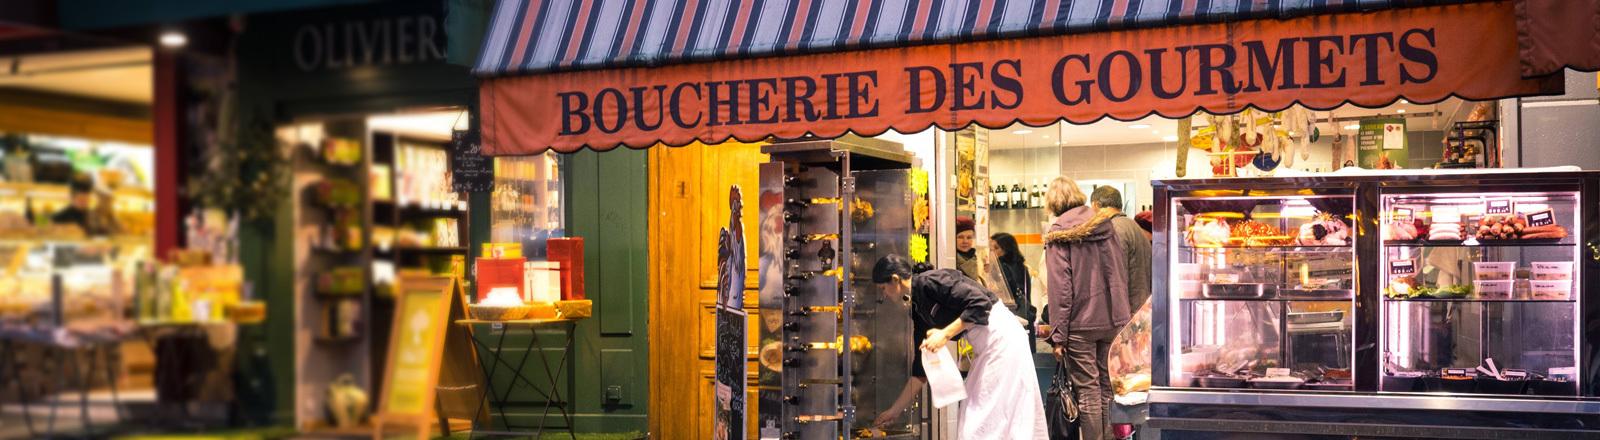 Metzgerei in Frankreich.